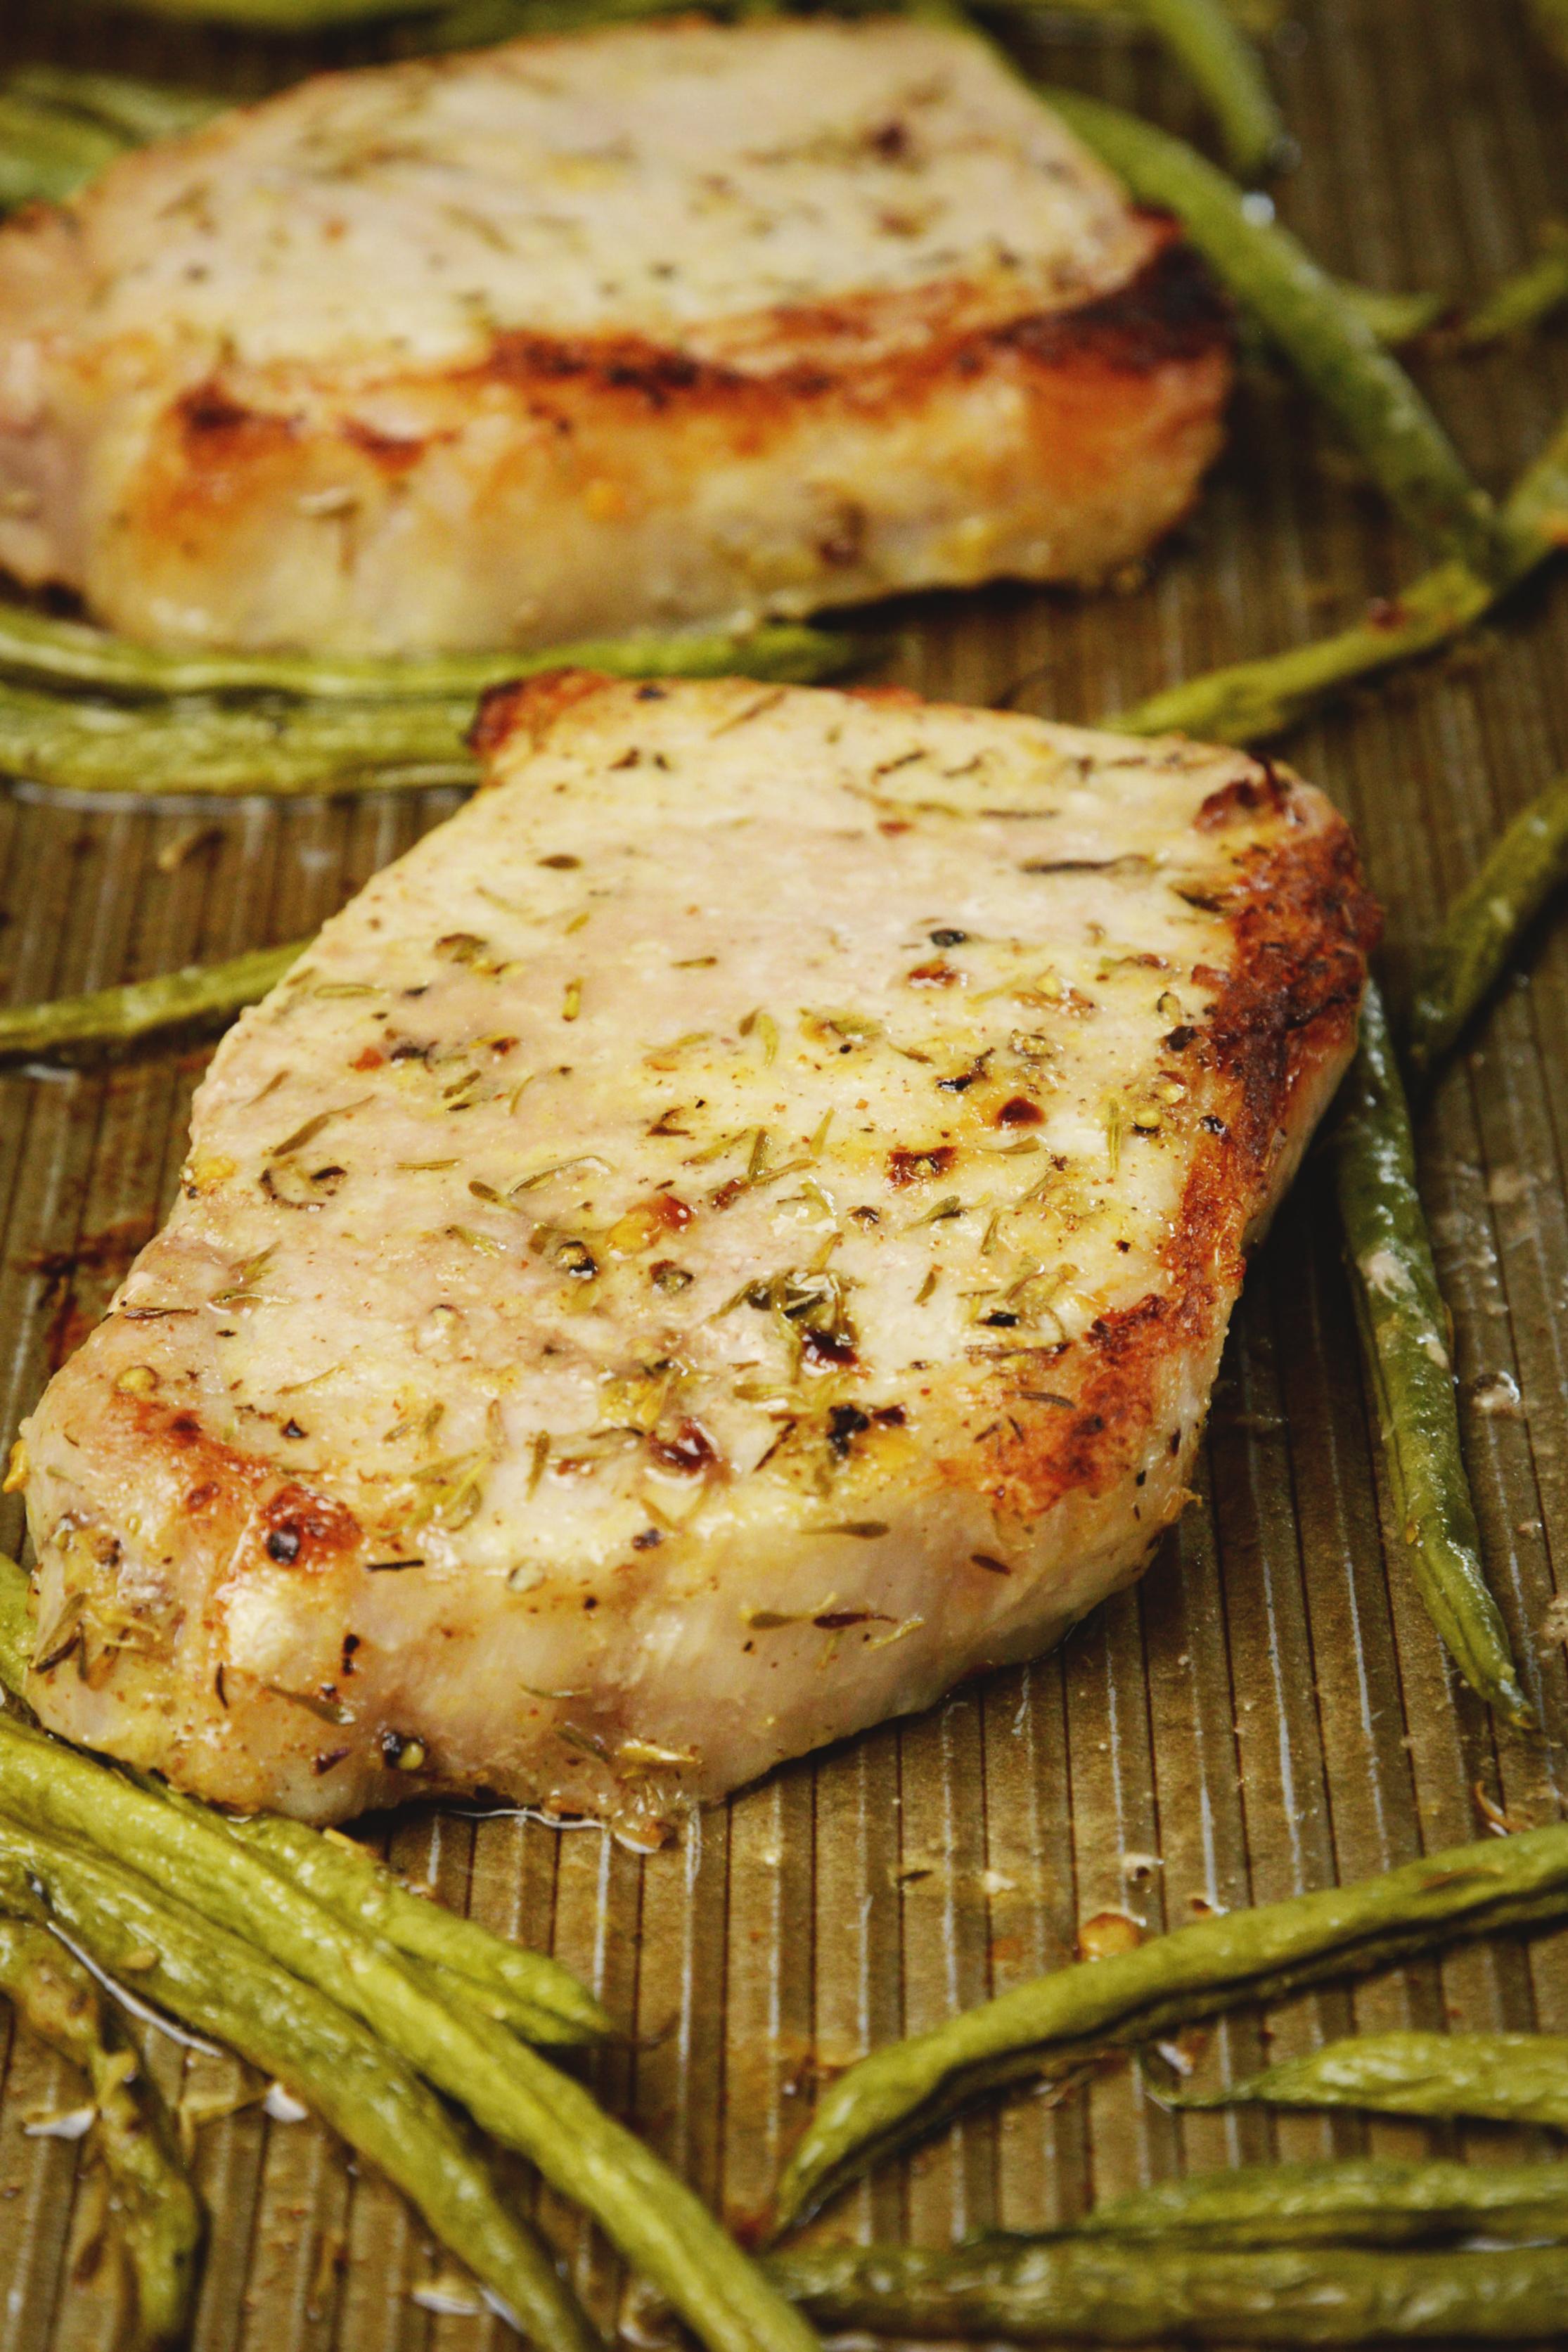 heet Pan Pork Chops with Green Beans-After baking.